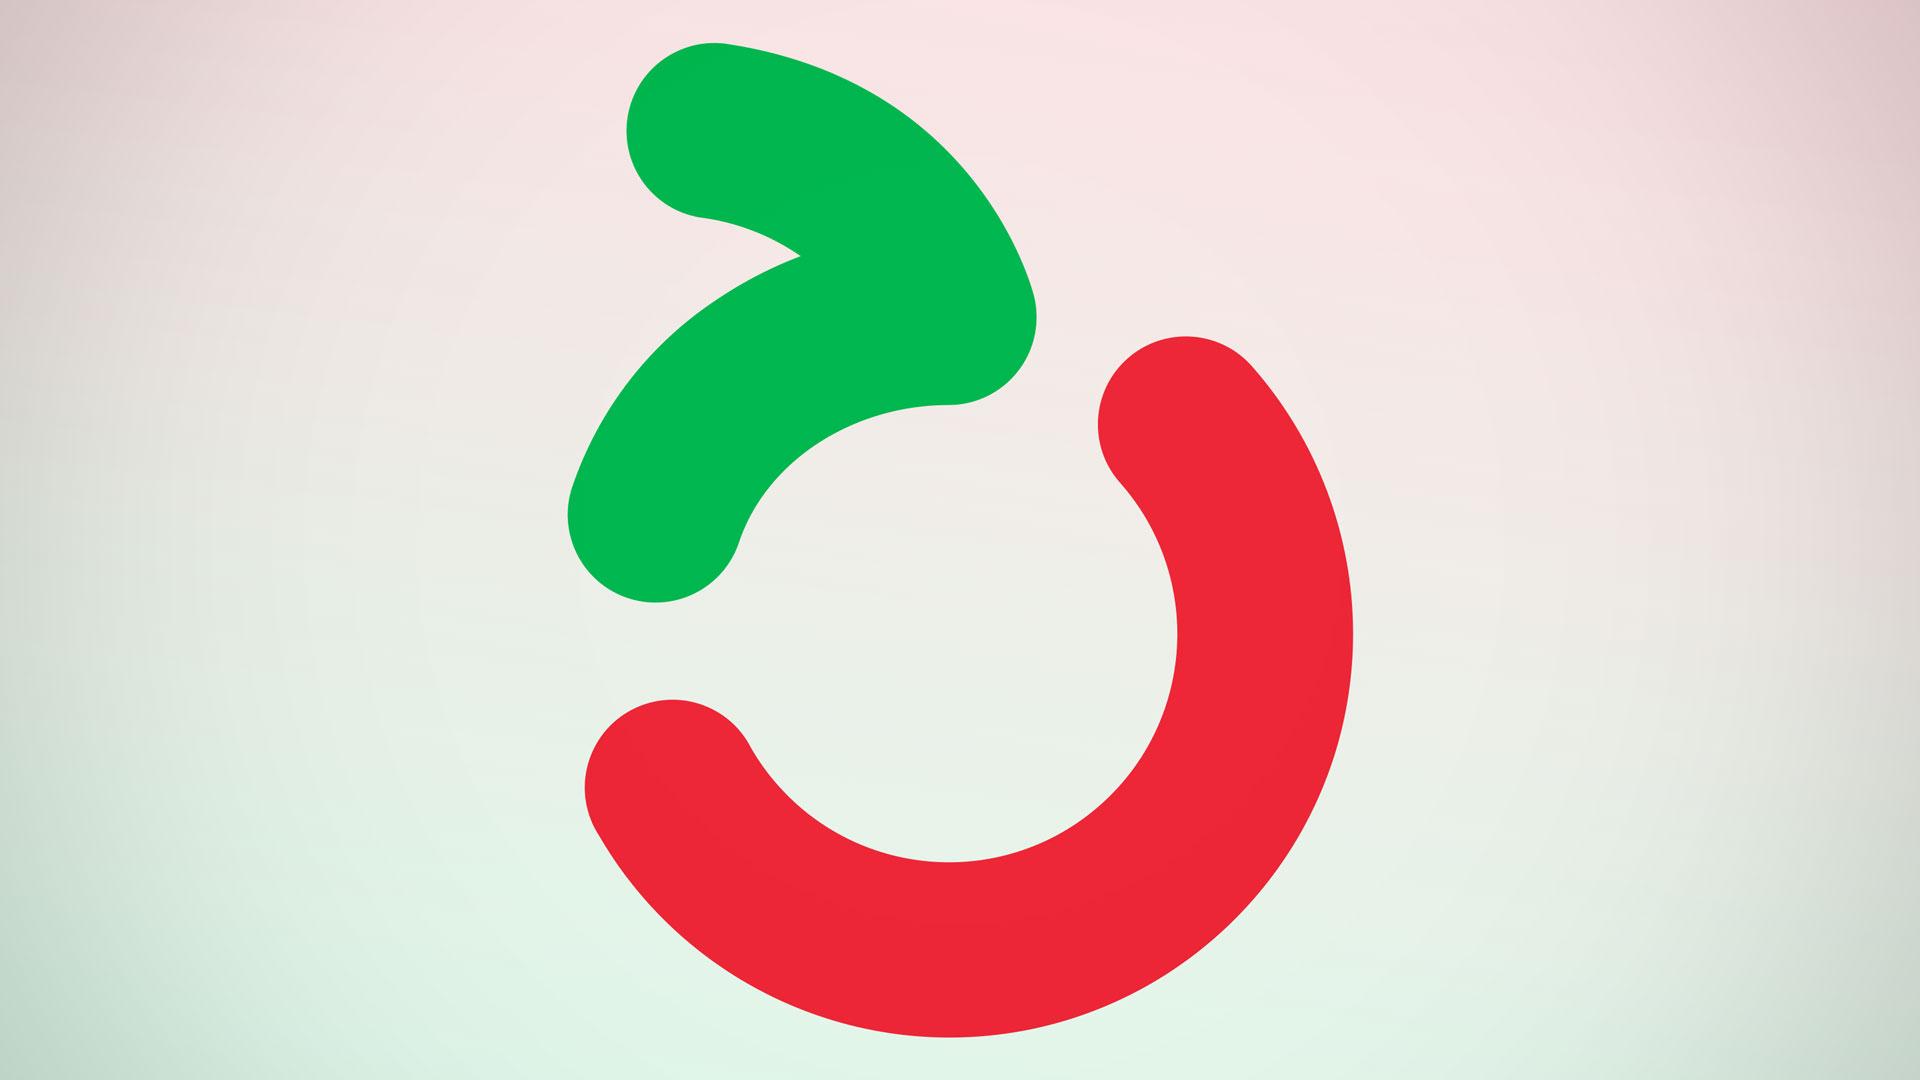 美国苹果协会新苹果标志设计,简洁logo设计